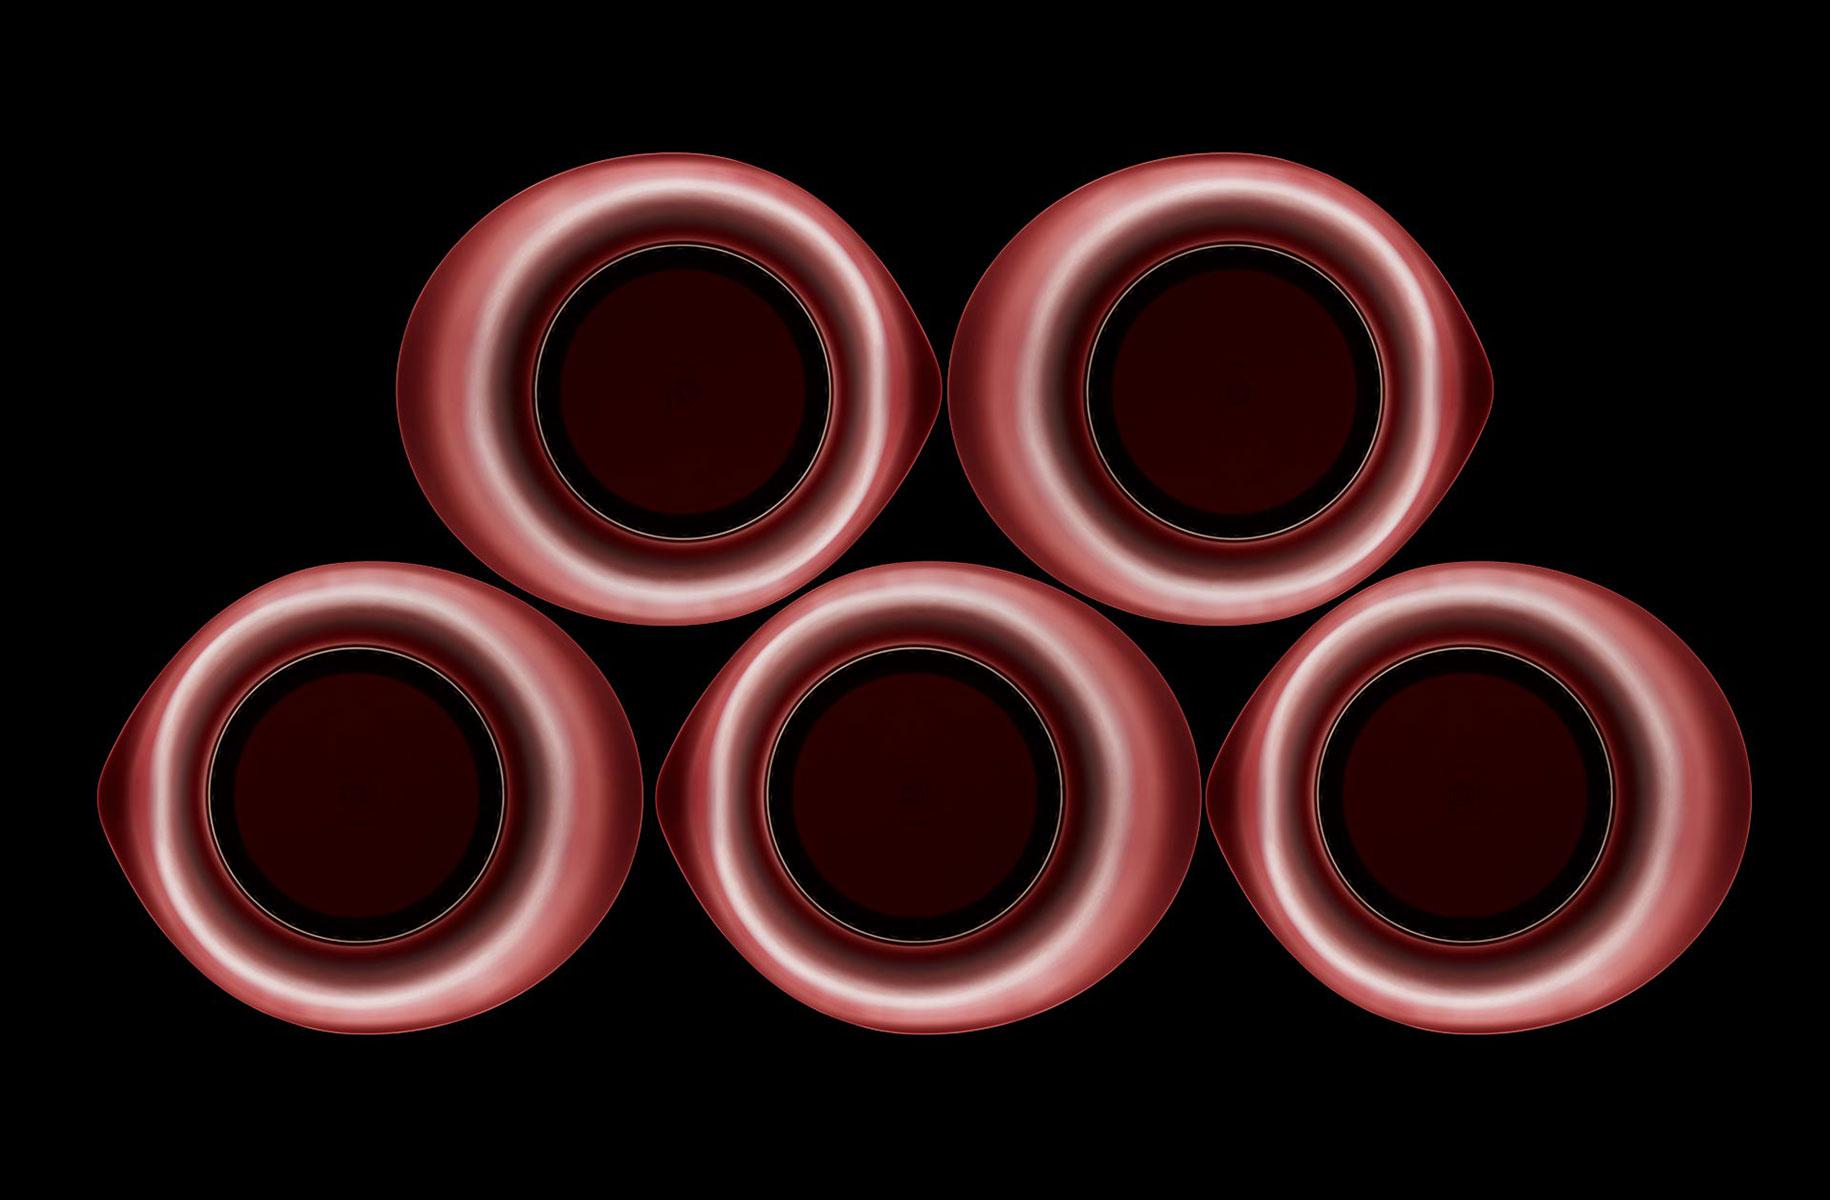 091205_shape_04-115175.jpg